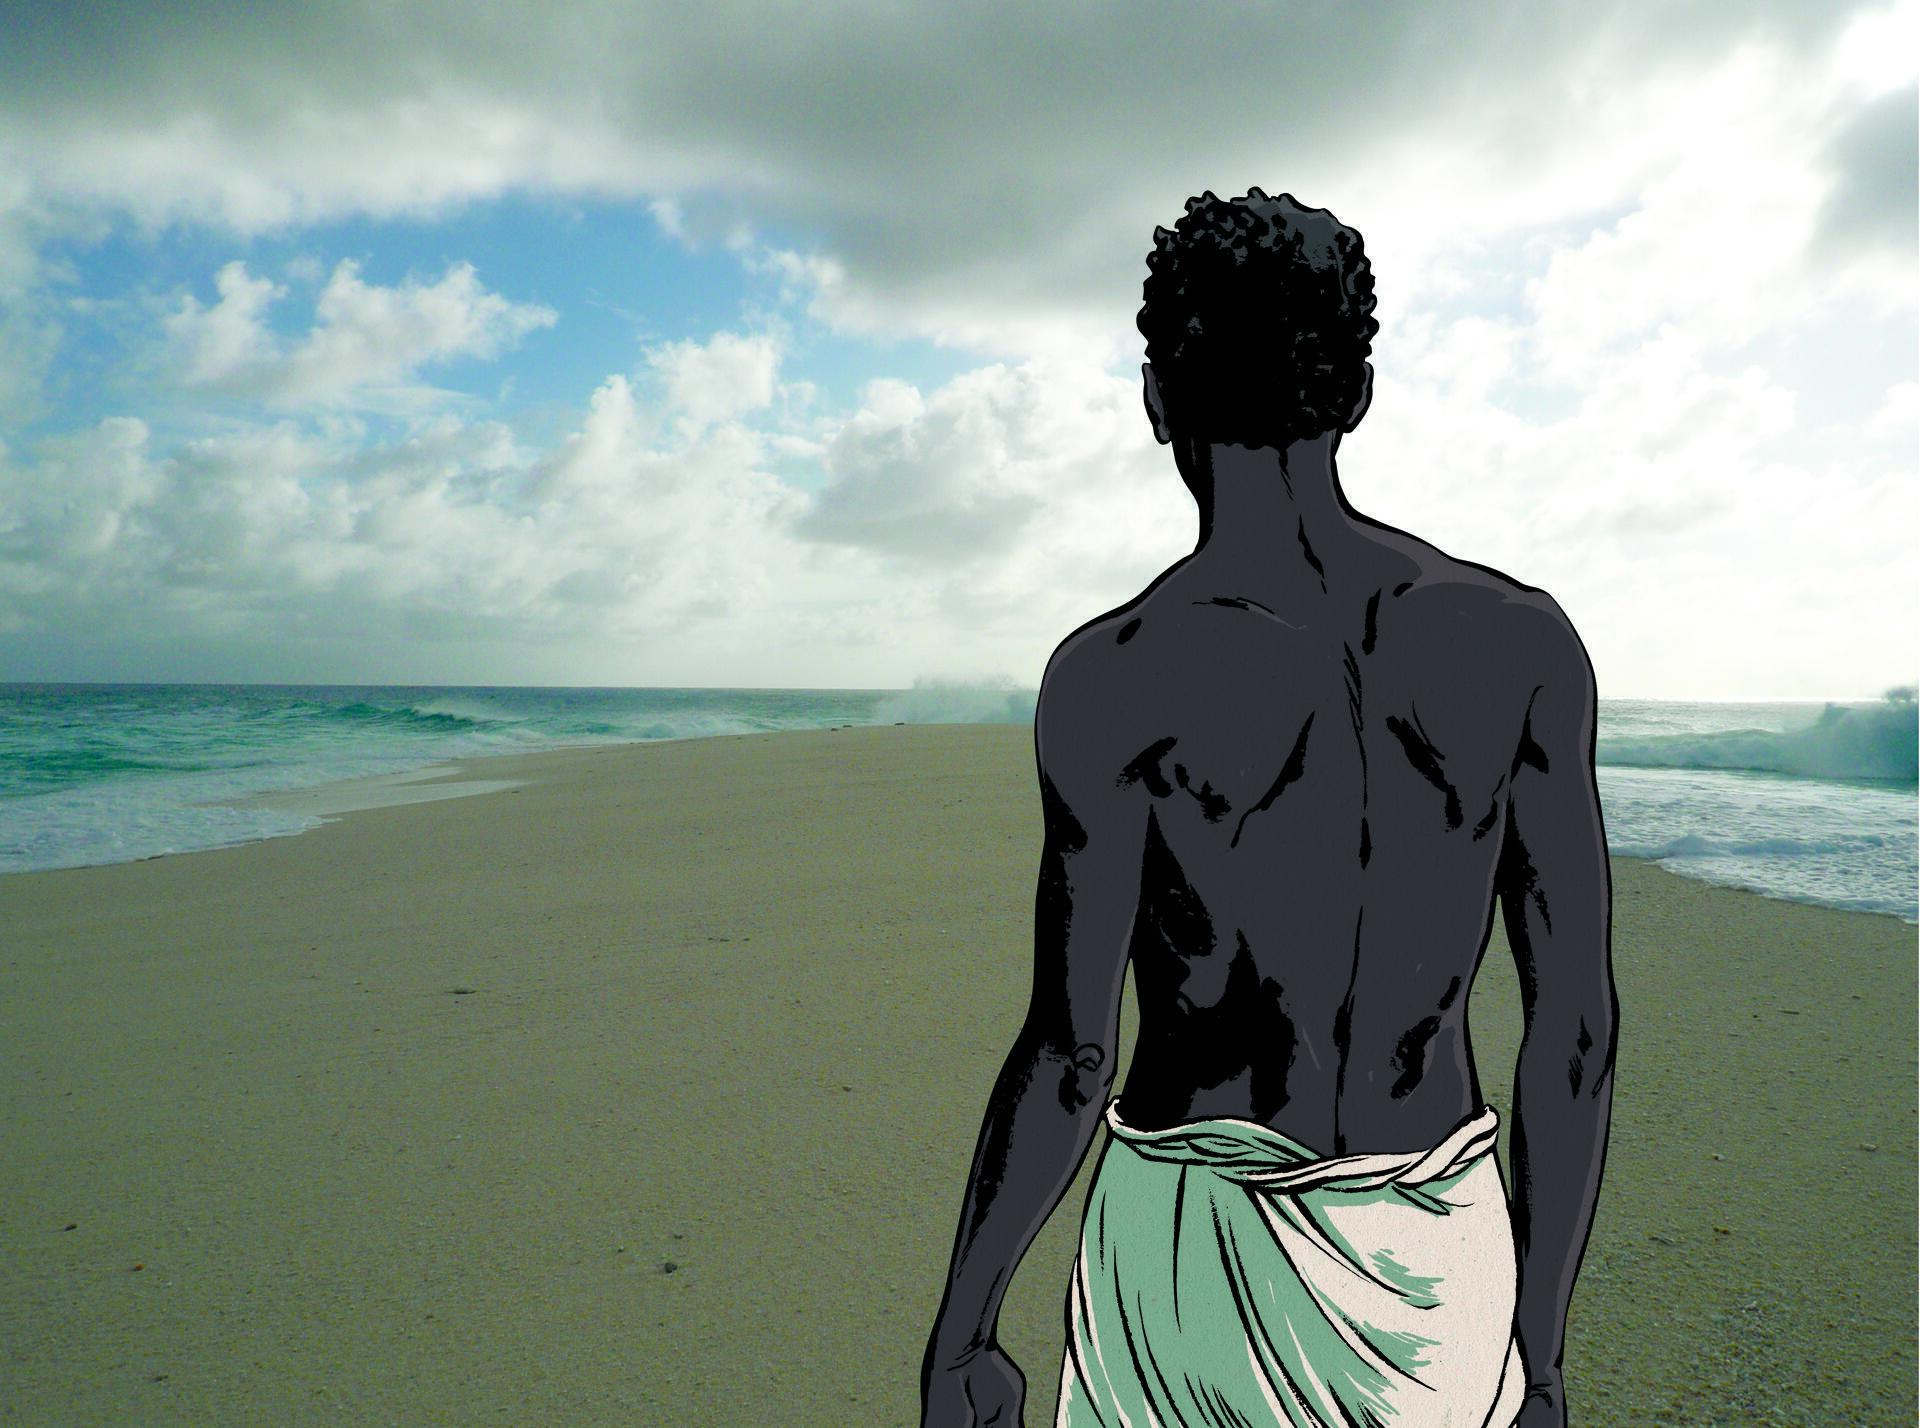 Afiche de la exposición sobre la isla de Tromelin en el Musée de l'Homme de París.